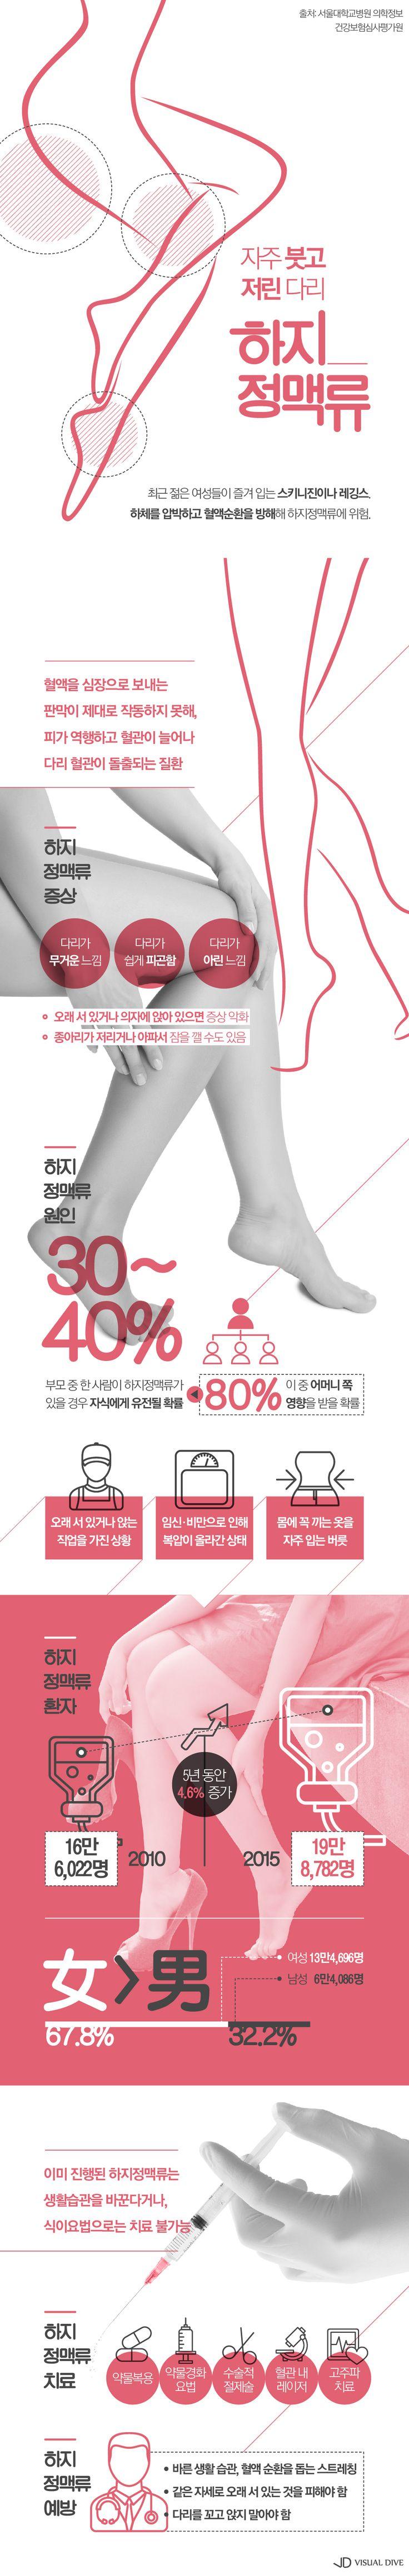 스키니진, 레깅스 자주 입는 여성, '하지정맥류' 위험 [인포그래픽] #varicose_vein / #Infographic ⓒ 비주얼다이브 무단 복사·전재·재배포 금지